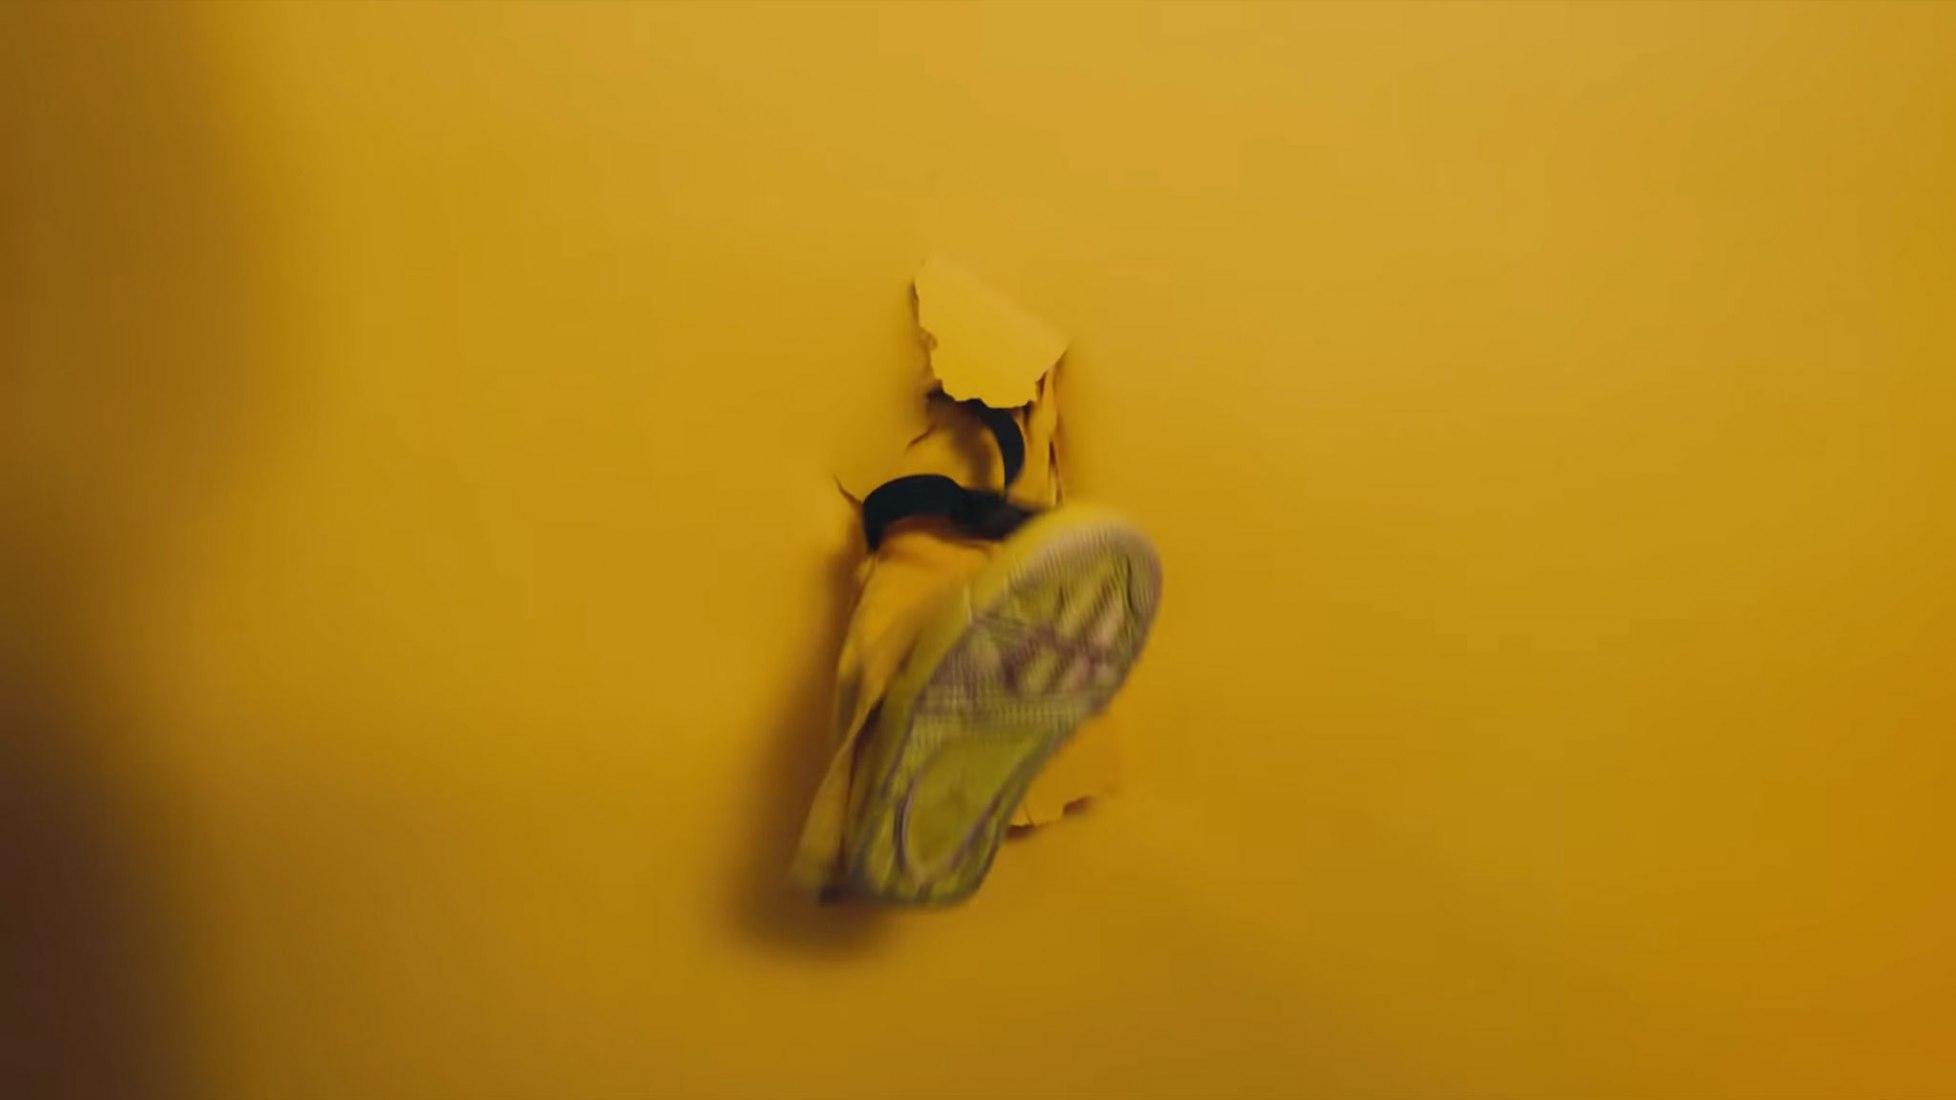 Bad Guy by Billie Eilish.